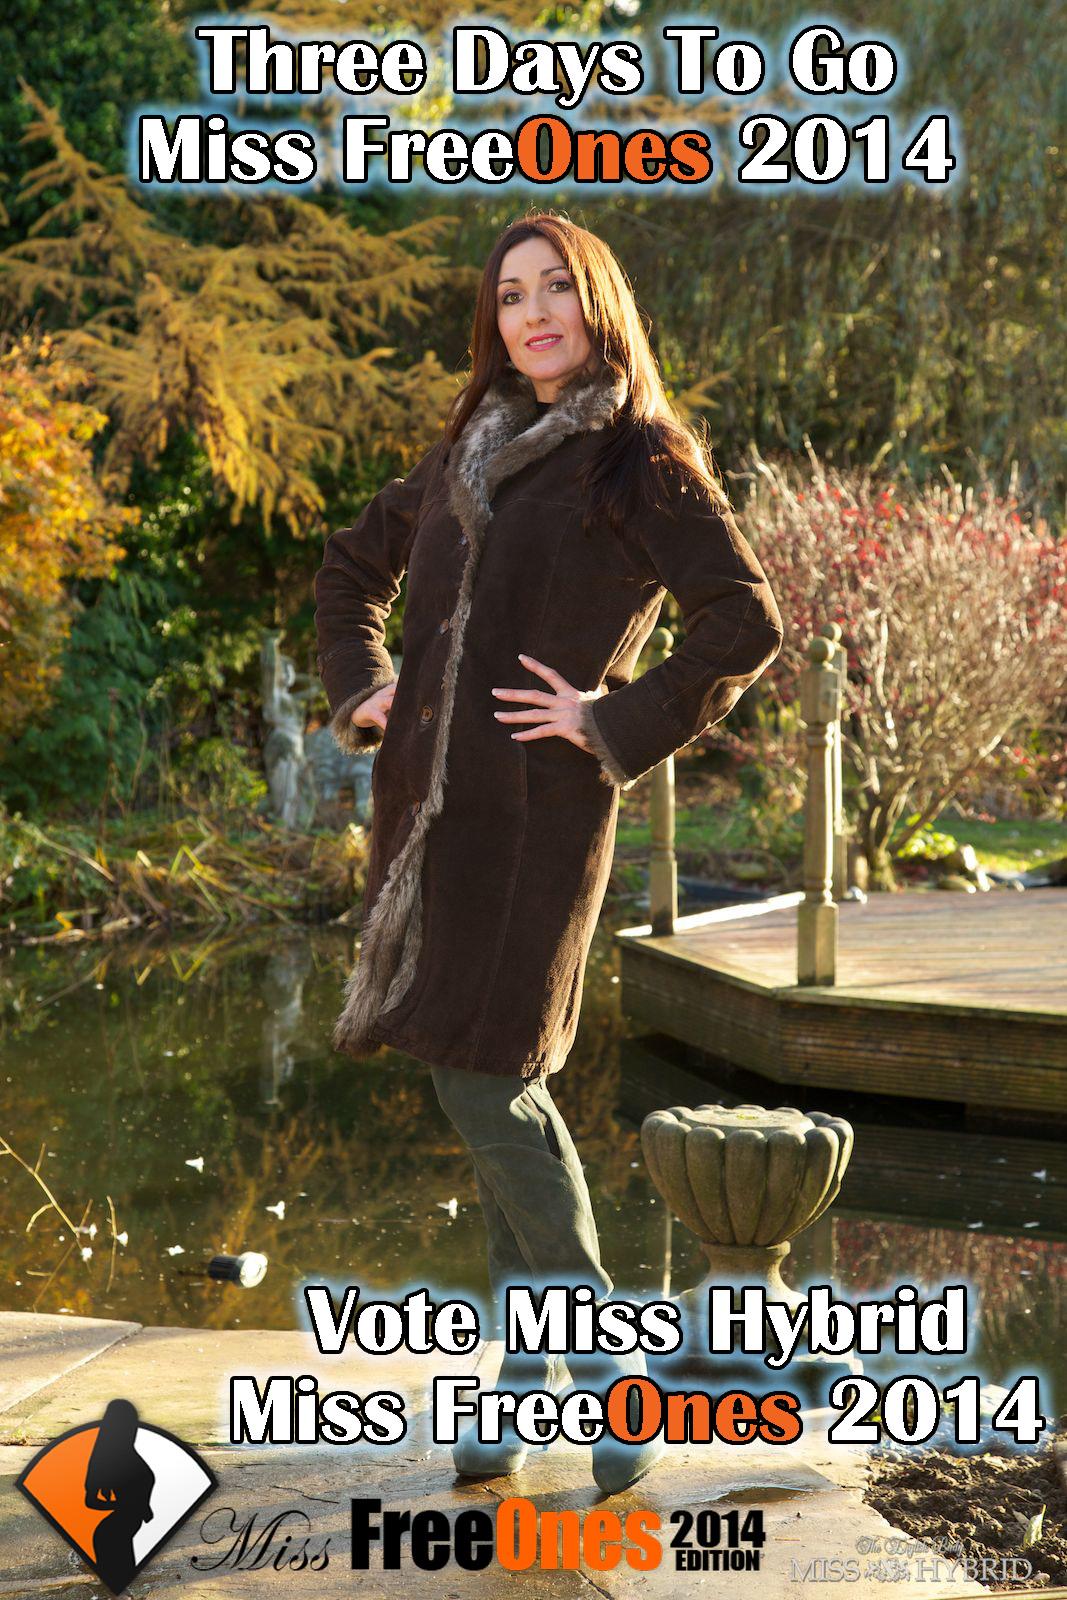 Three Days To Go Final Round Miss FreeOnes, Miss Hybrid, vote Miss Hybrid